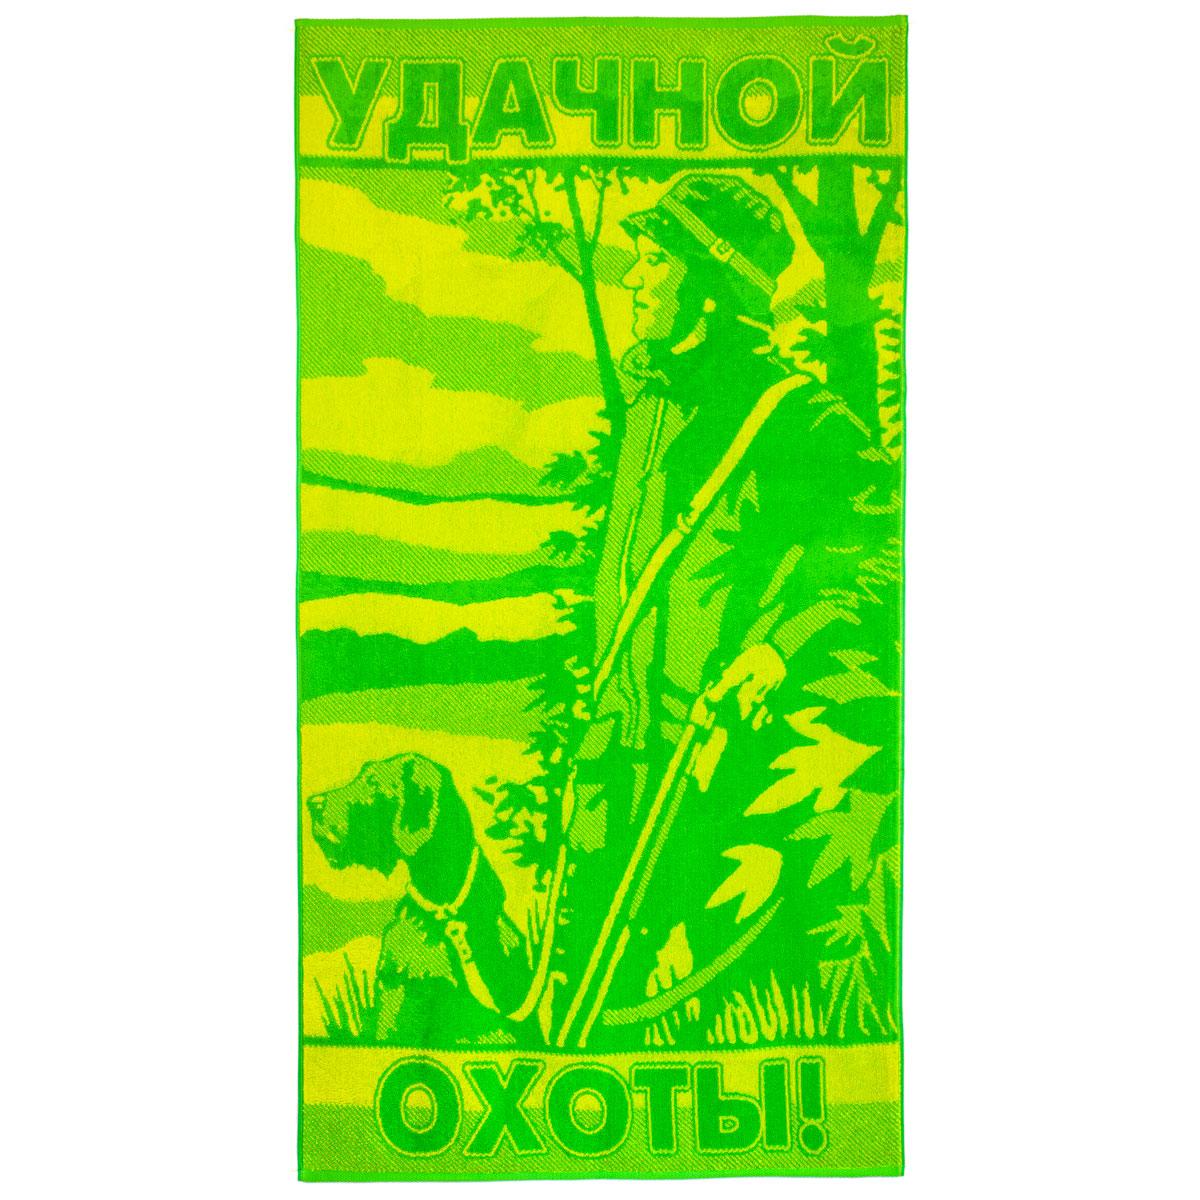 Полотенце 70х140 р. 70х140Махровые полотенца<br>Плотность ткани: 420 г/кв. м<br><br>Тип: Полотенце<br>Размер: 70х140<br>Материал: Махра